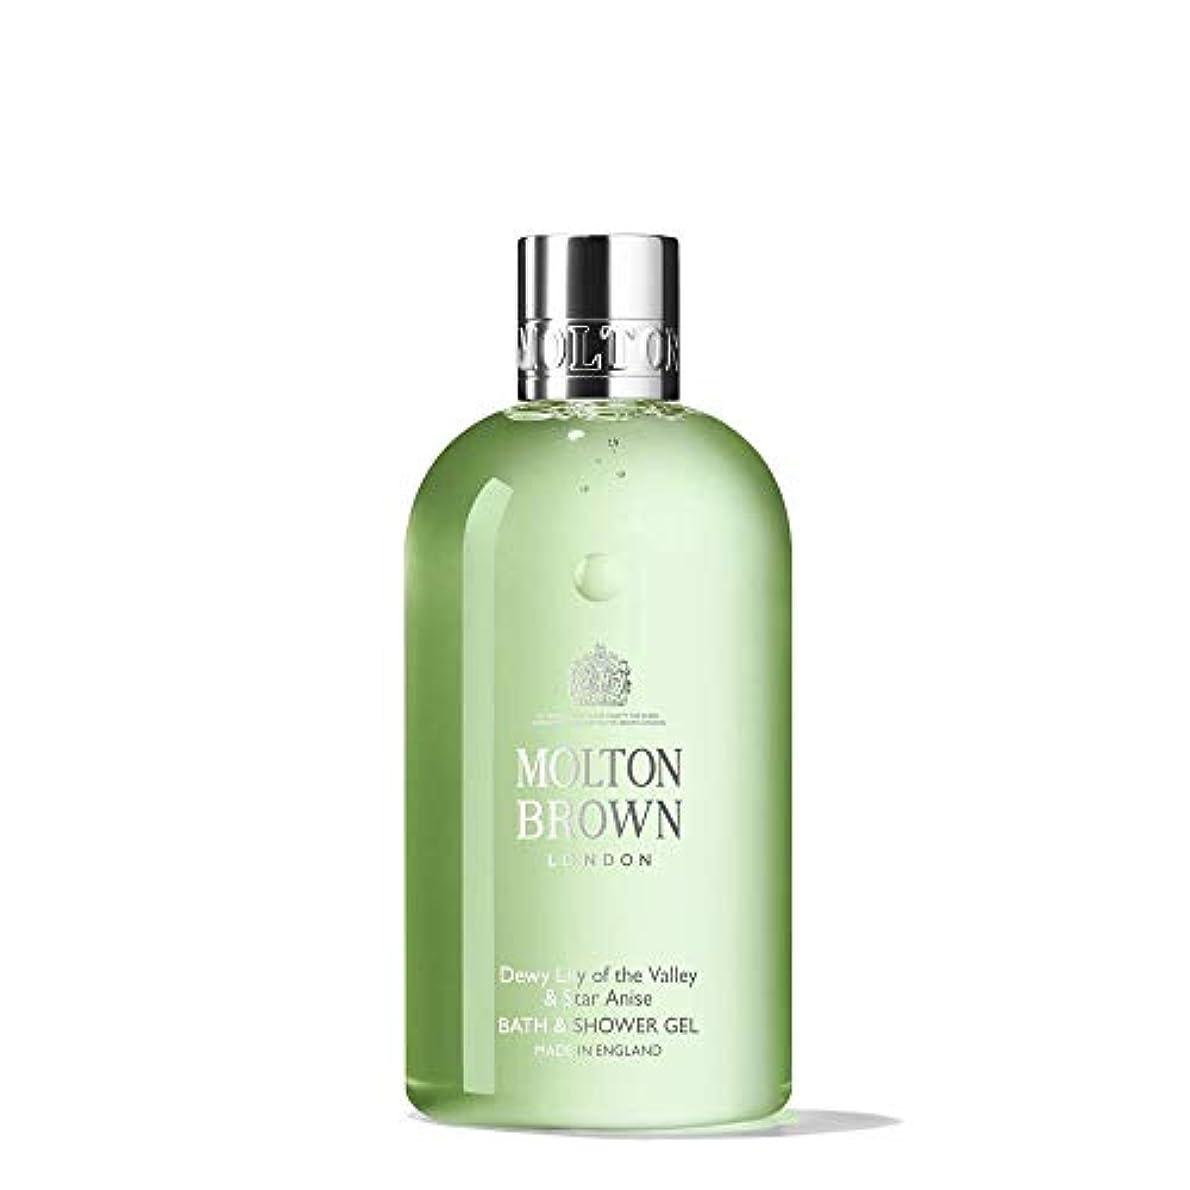 化粧残基ボトルMOLTON BROWN(モルトンブラウン) デューイ リリー オブ ザ バリー コレクション LOV バス&シャワージェル